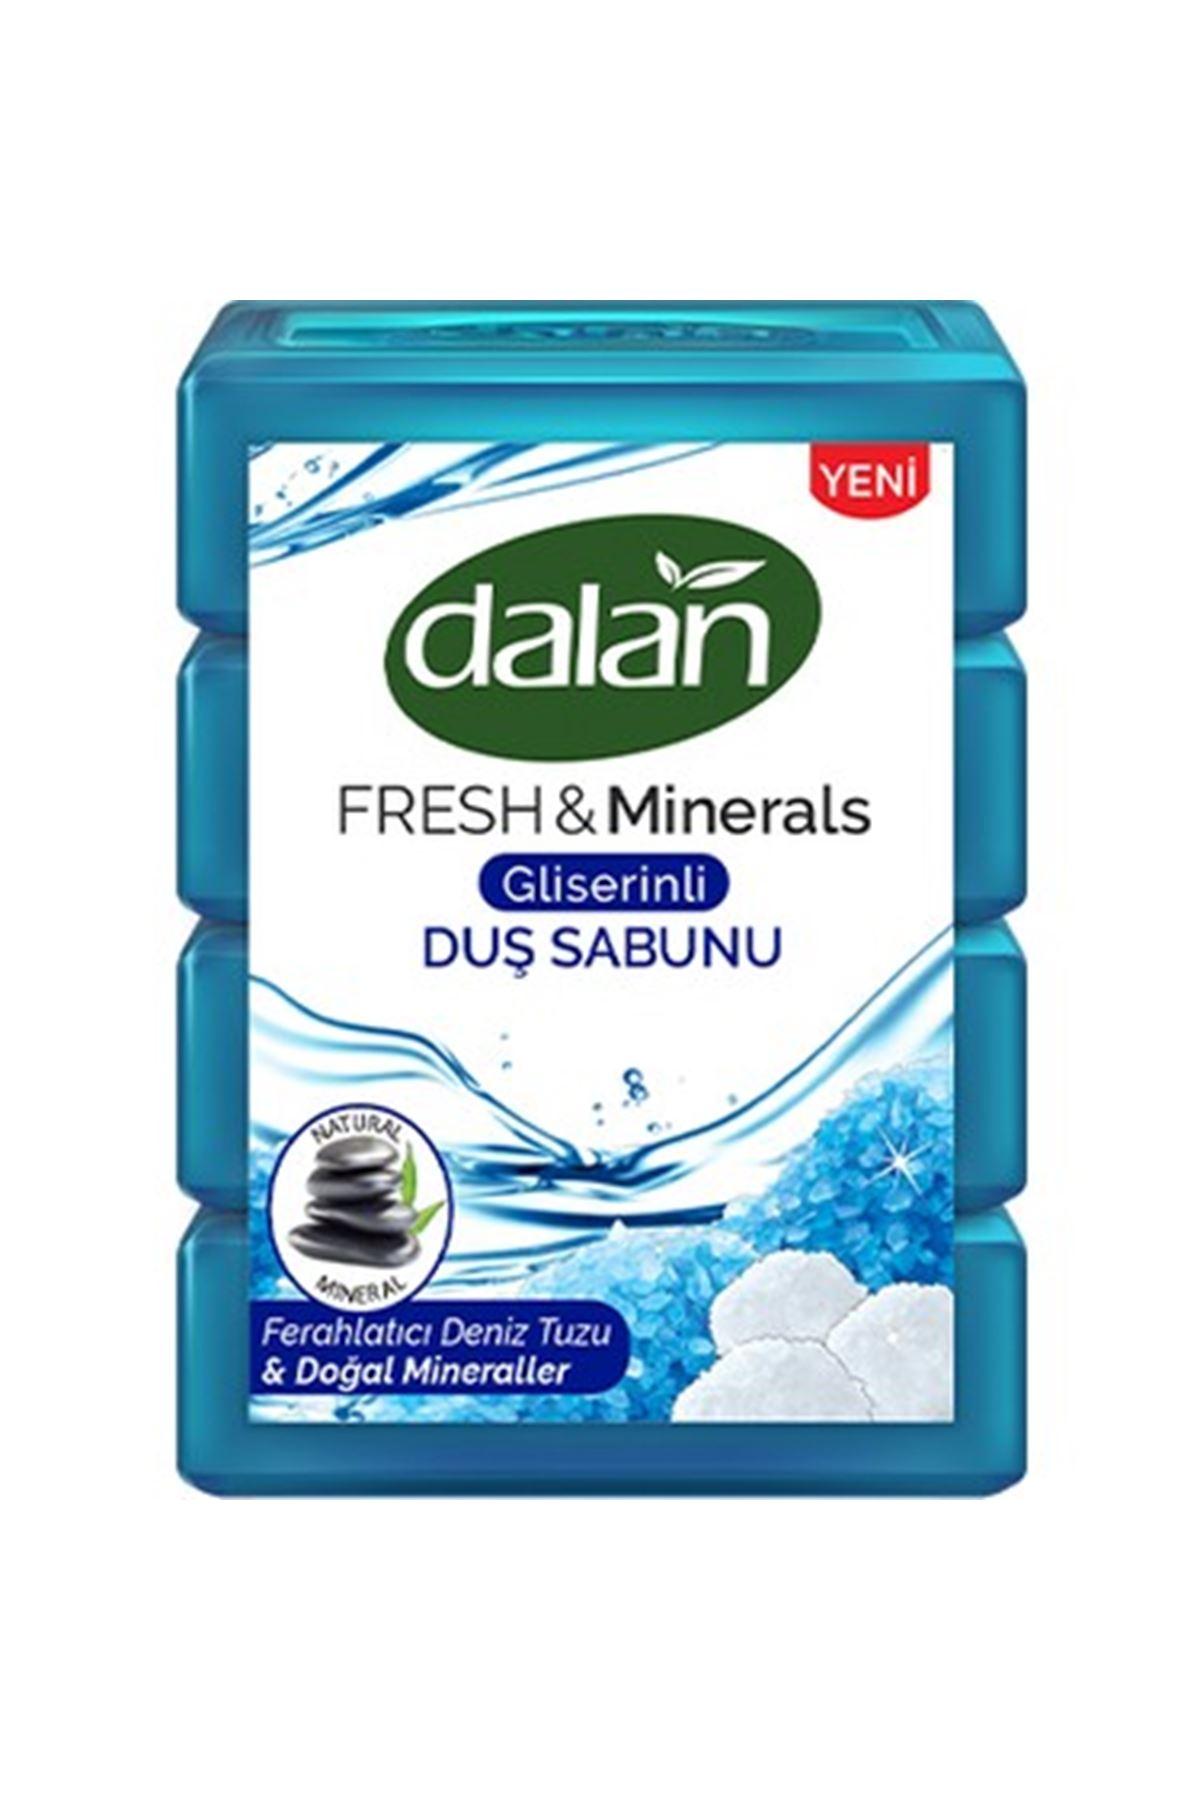 Dalan Duş Sabunu 150 Gram*4 Adet Deniz Tuzu